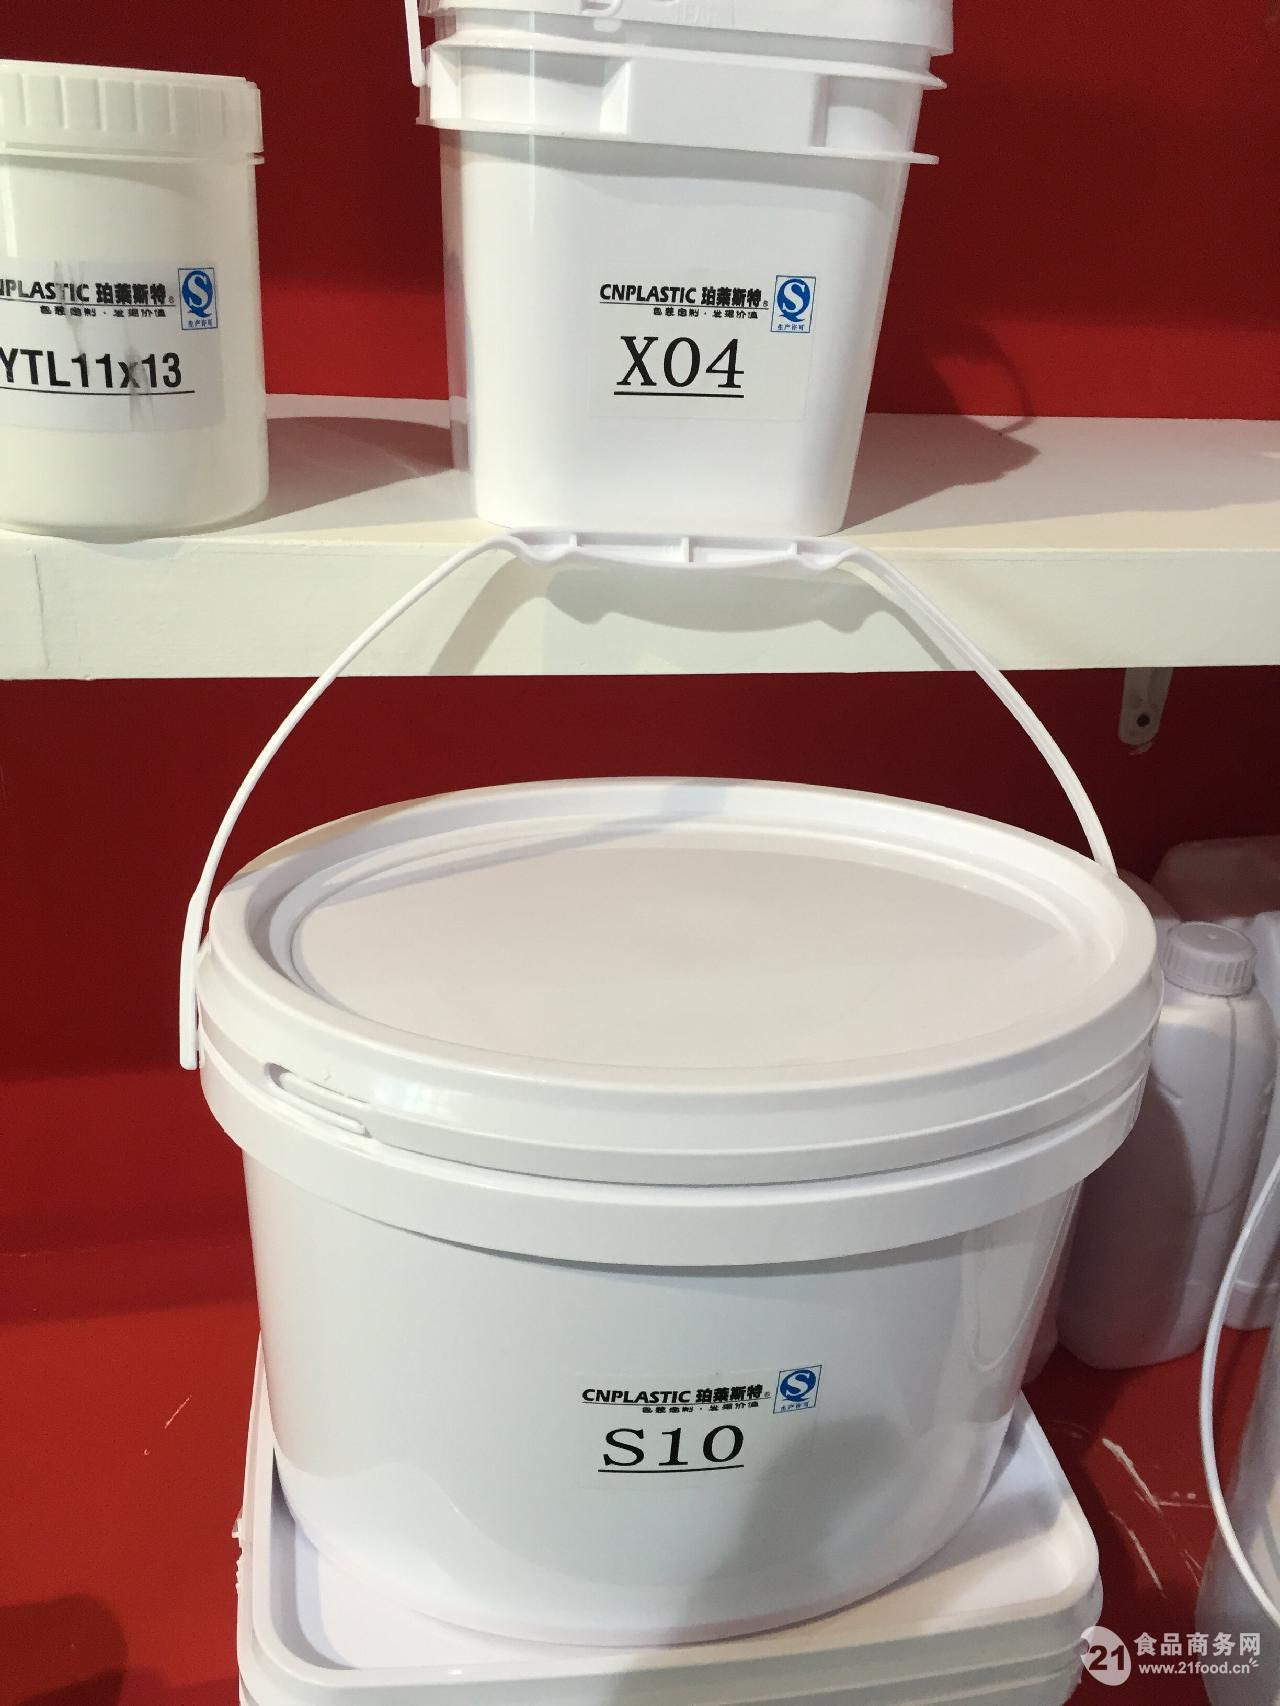 椭圆形塑料桶_佛山__塑料类-食品商务网